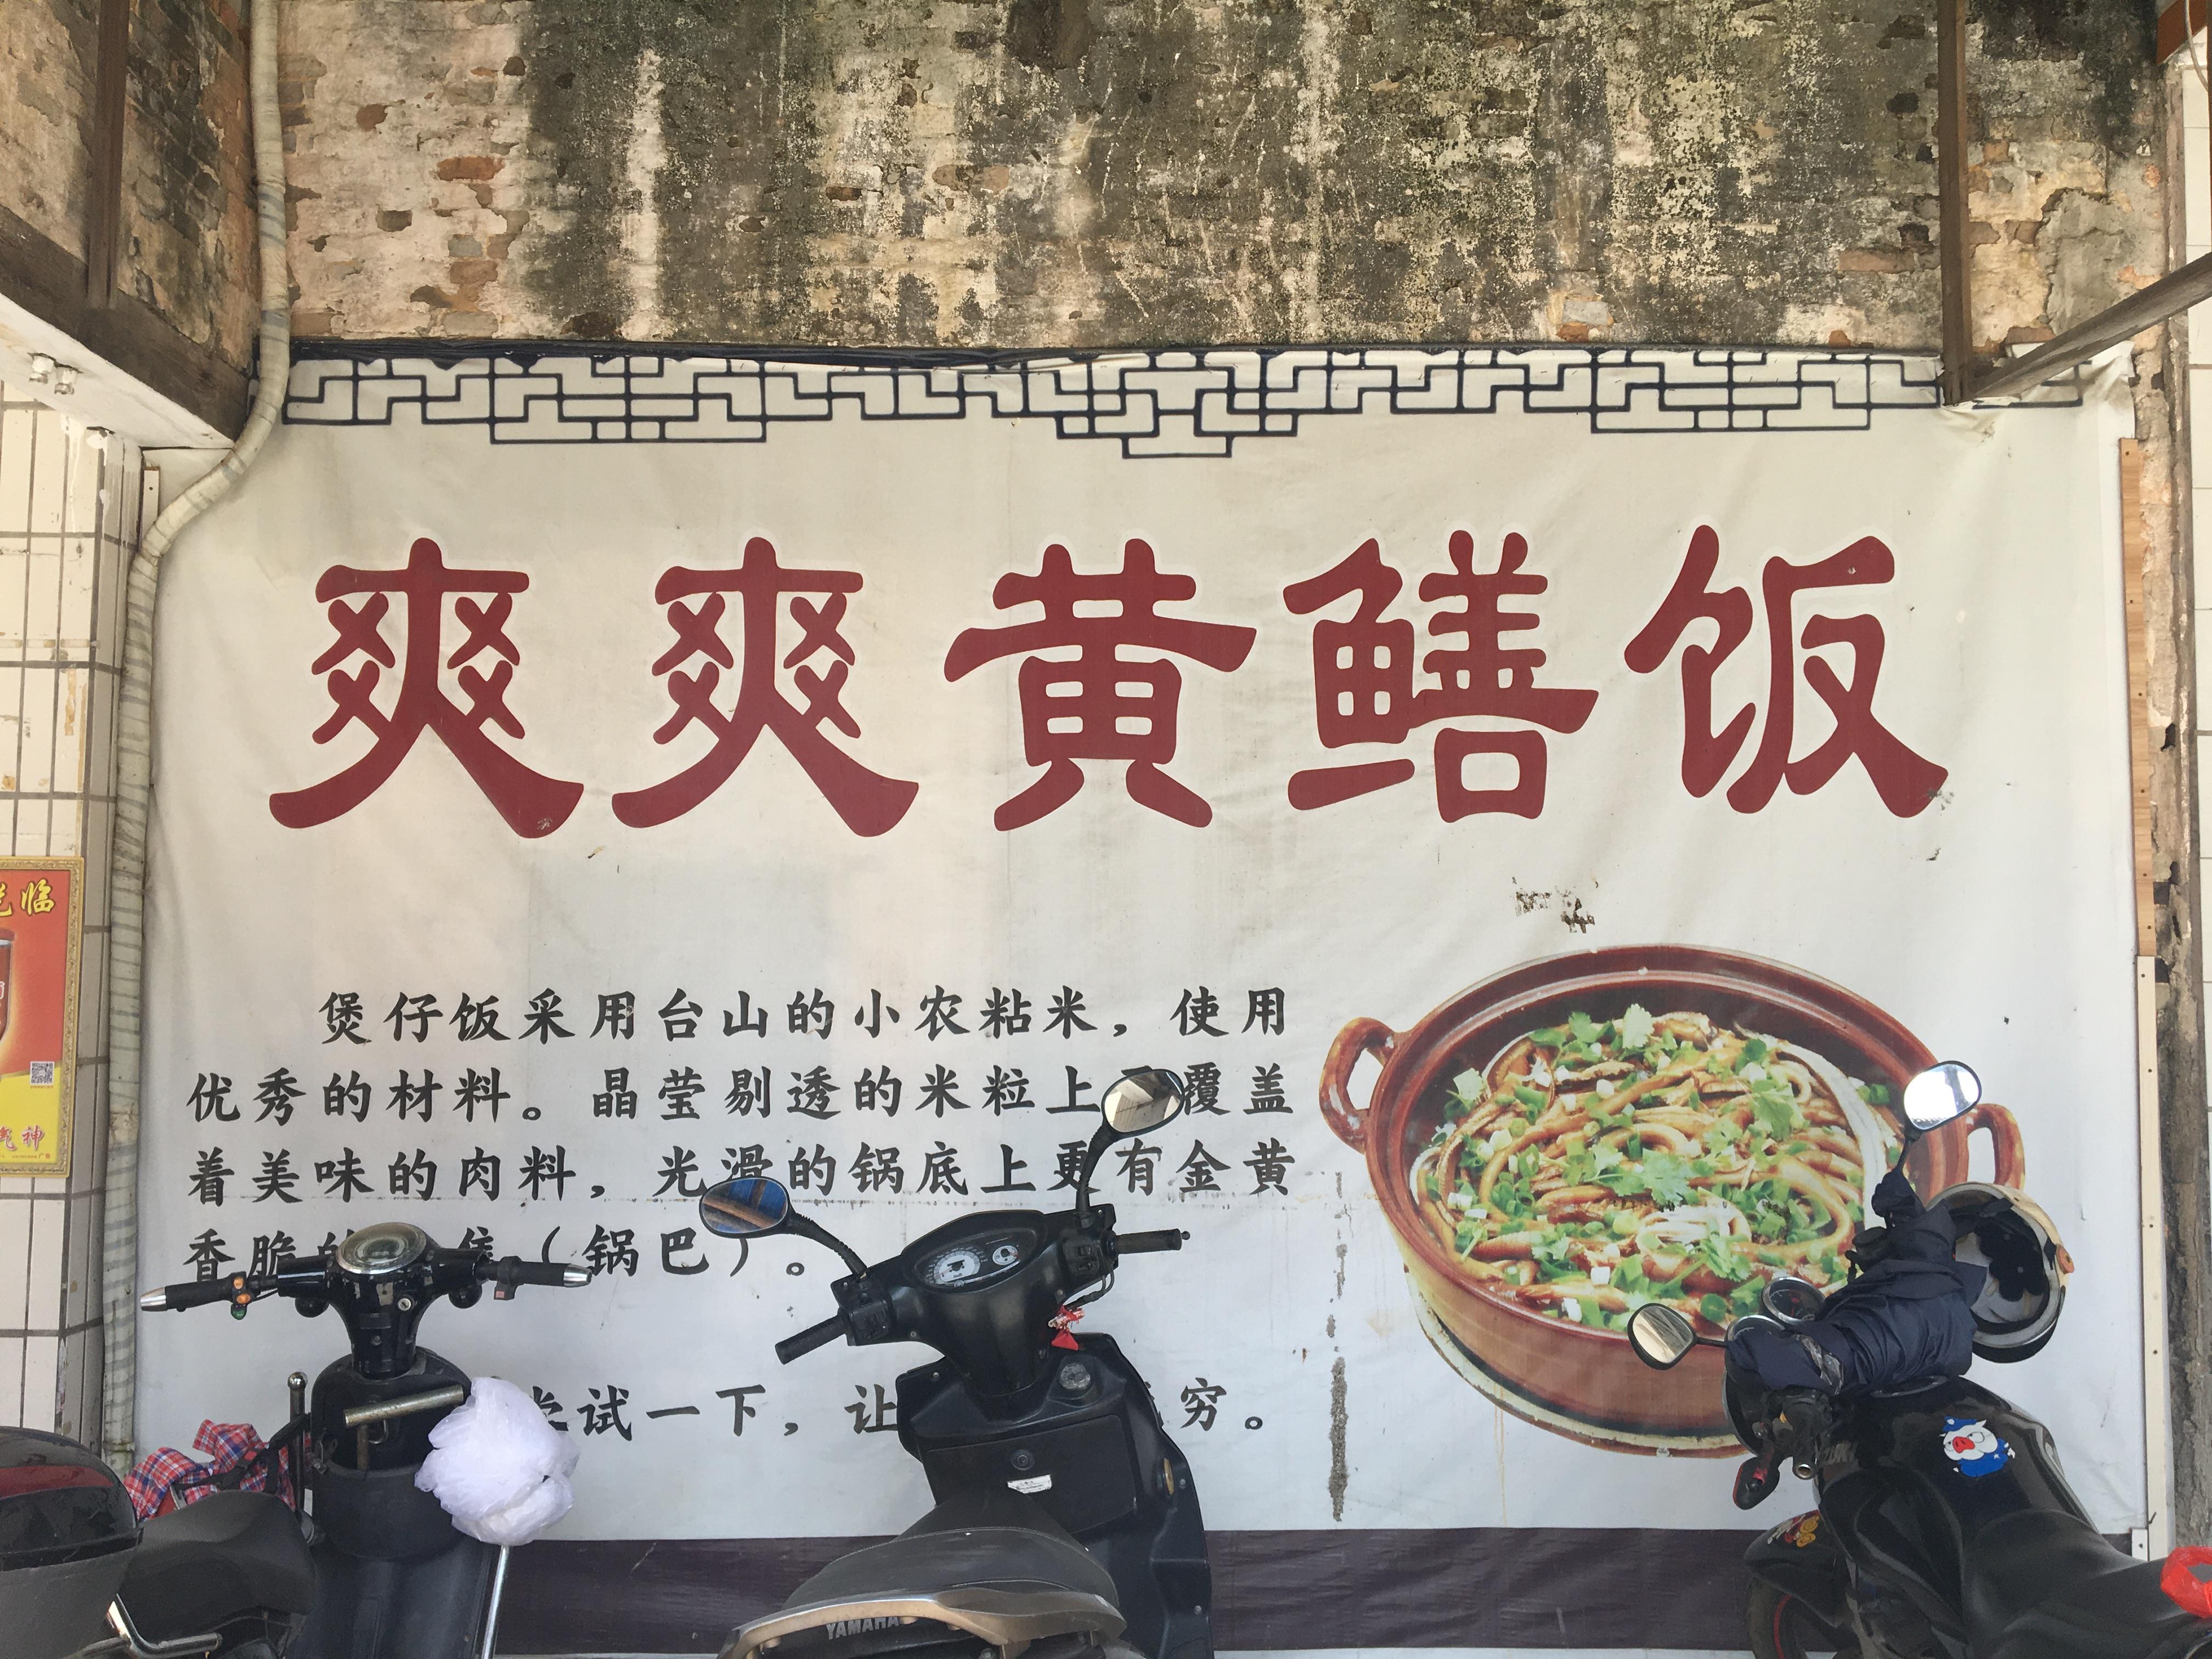 尋地道臺山黃鱔飯,米飯干身鱔肉帶汁